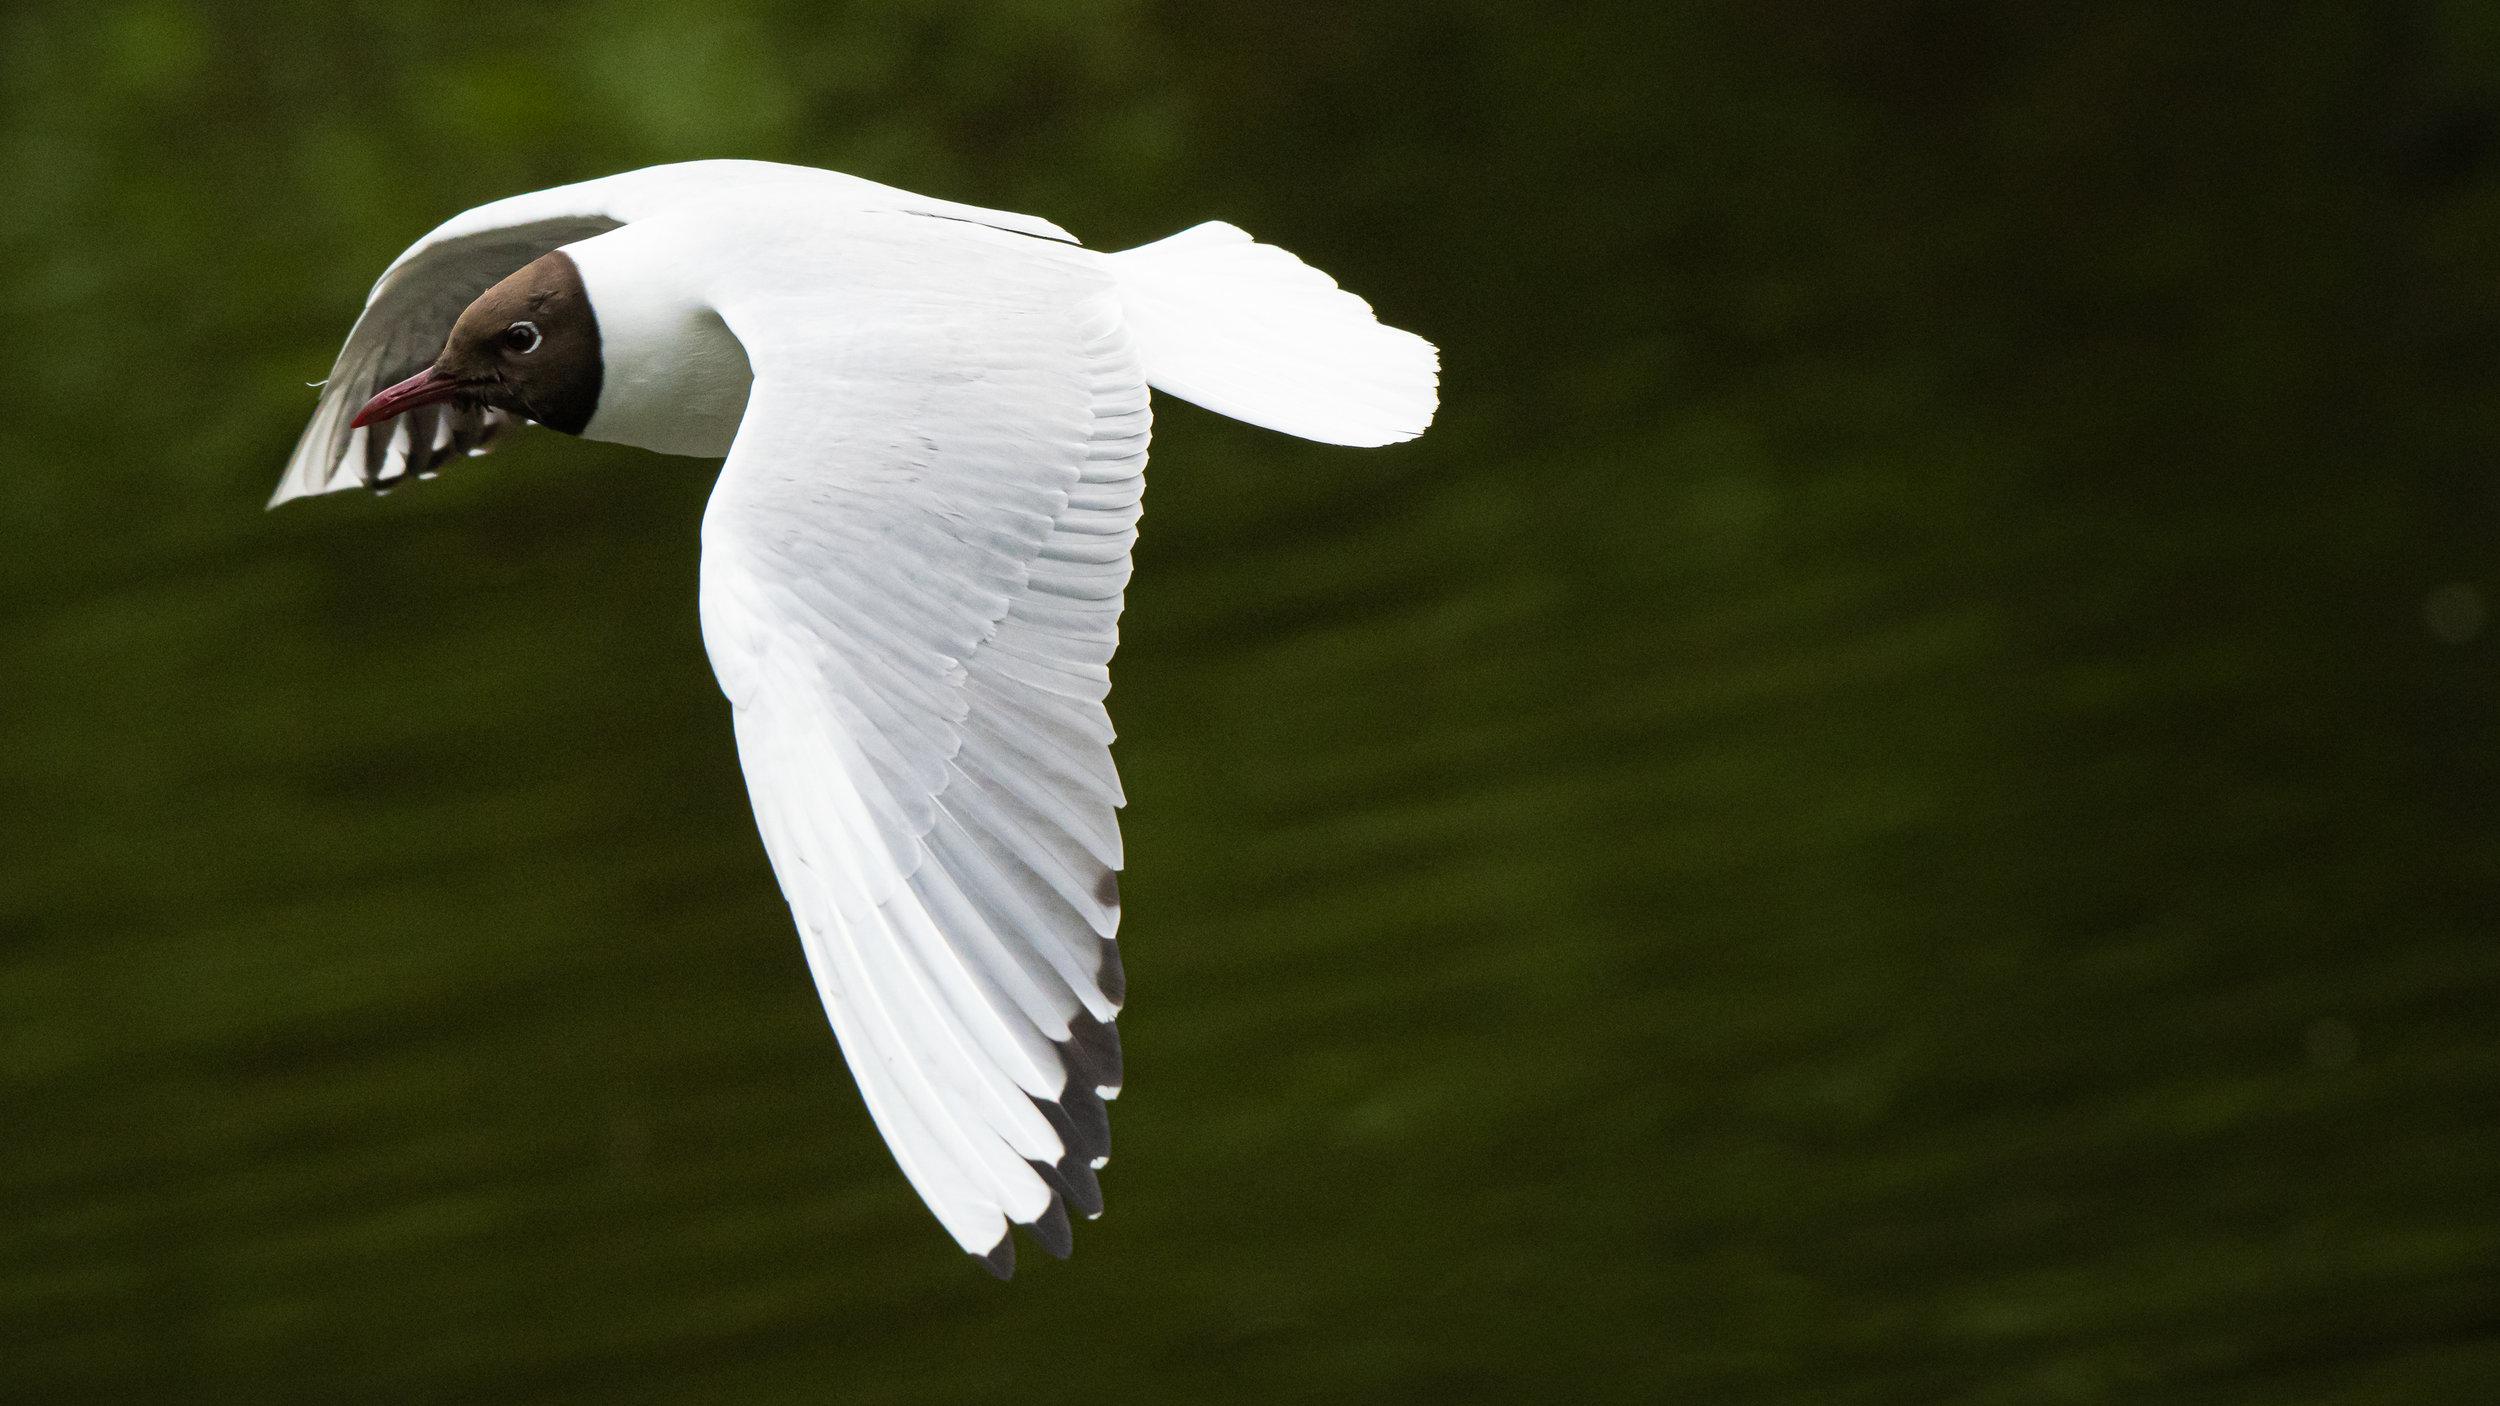 Lær å ta bilder av fugler i flukt. ©Bjørn Joachimsen